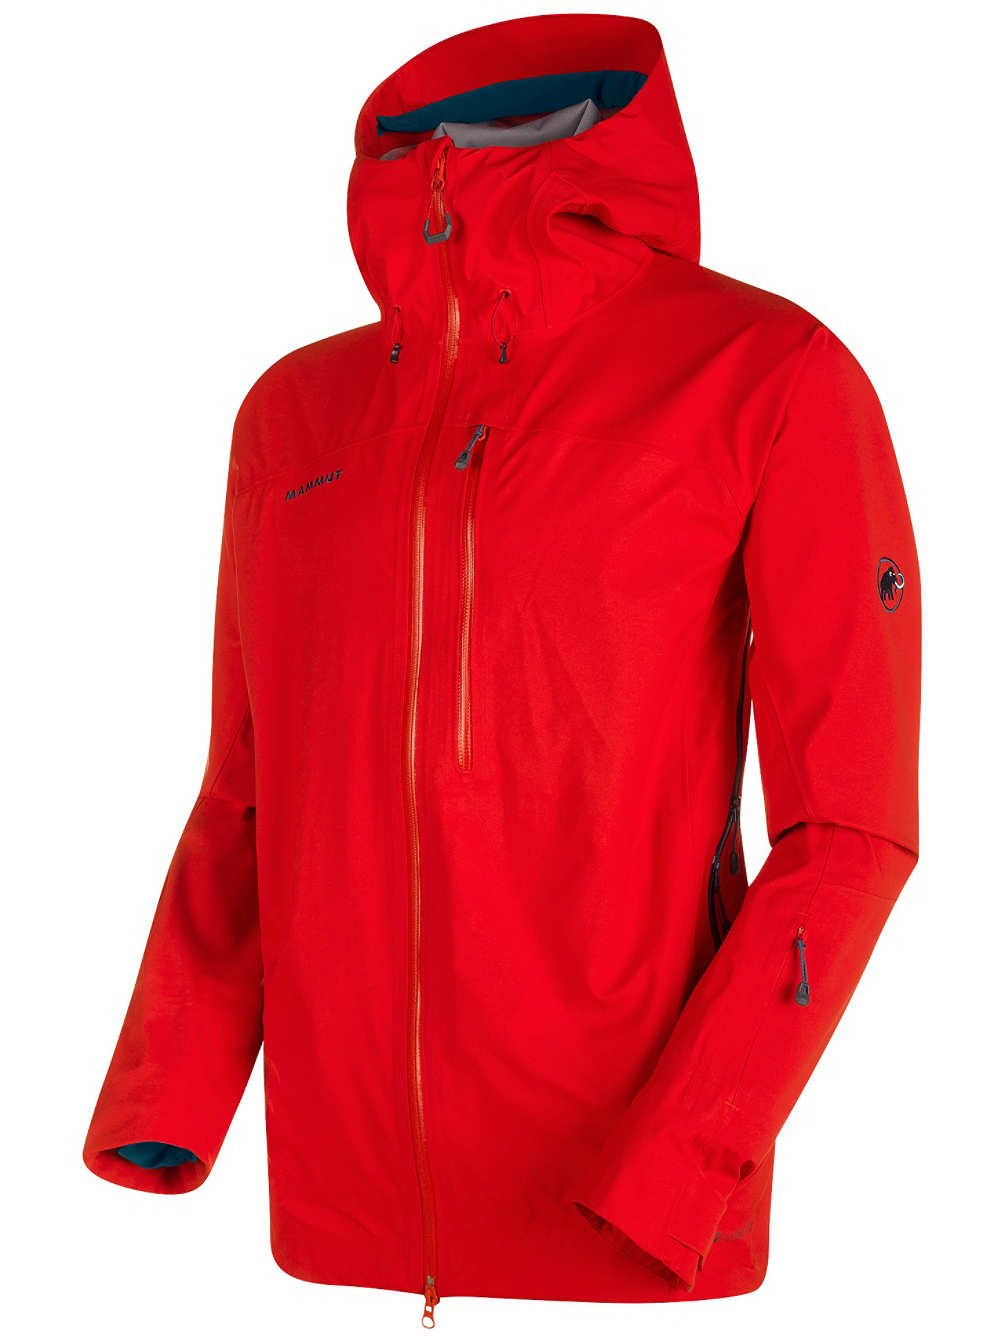 [マムート] Alvier Tour HS Hooded Jacket Men アルヴィアー ツアー HS フーデッド ジャケット 3445/spicy 1010-21620 L B072K6KPFB